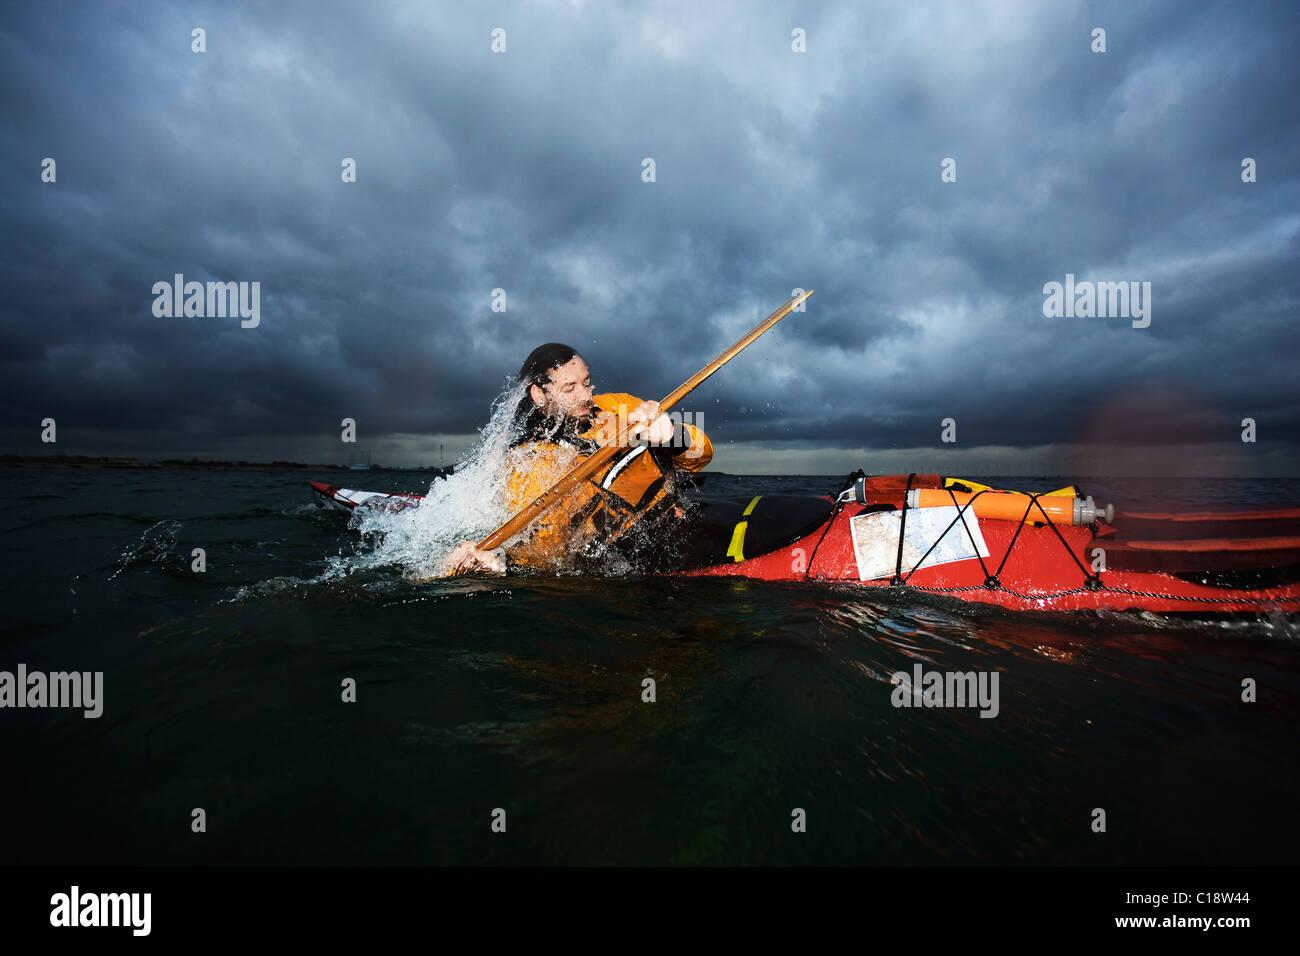 Man in kayak rotating - Stock Image